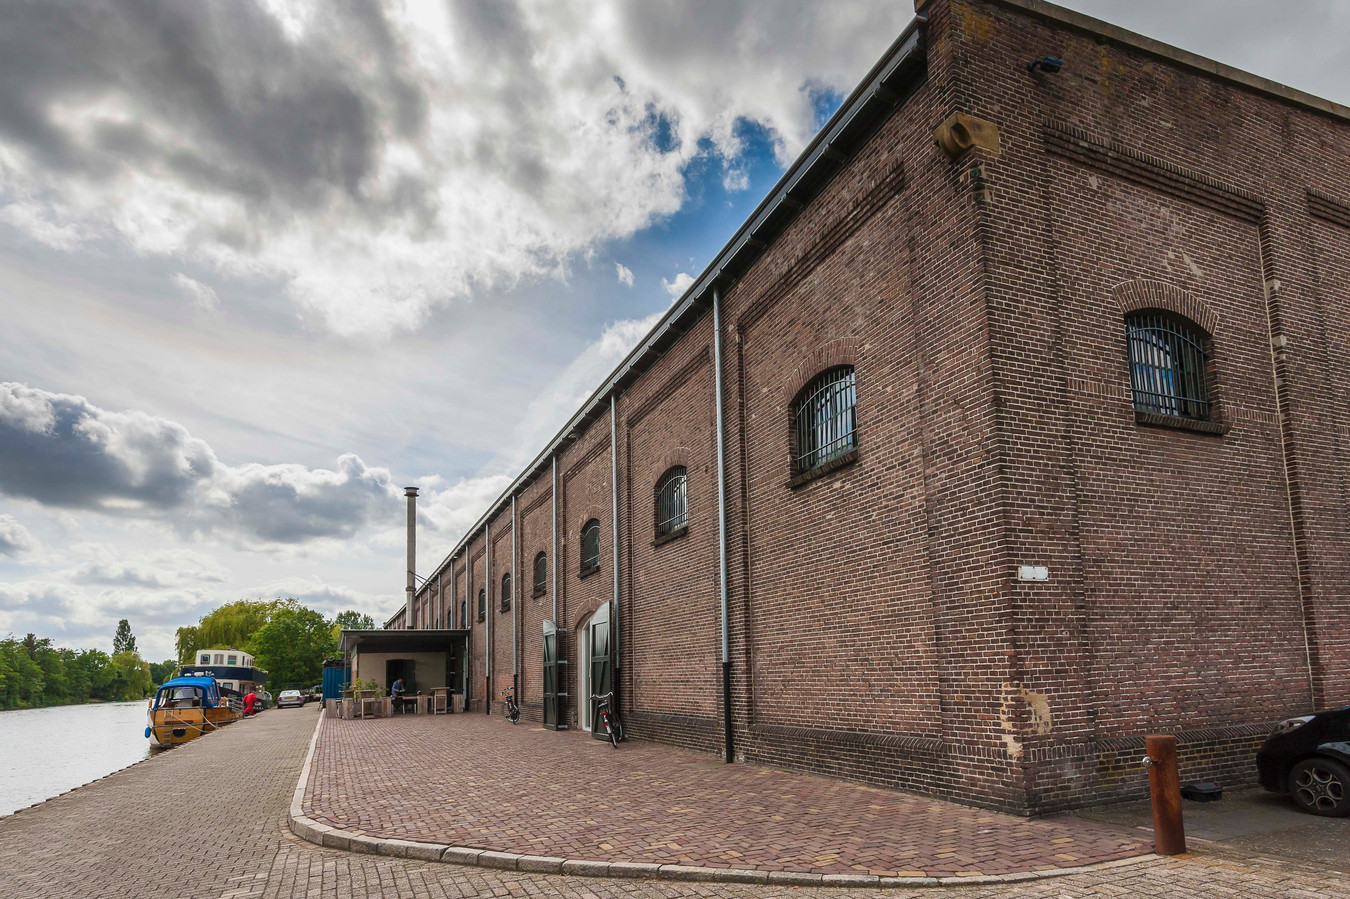 Het voormalige suikerentrepot in Standdaarbuiten aan de Dintel is een rijksmonument.